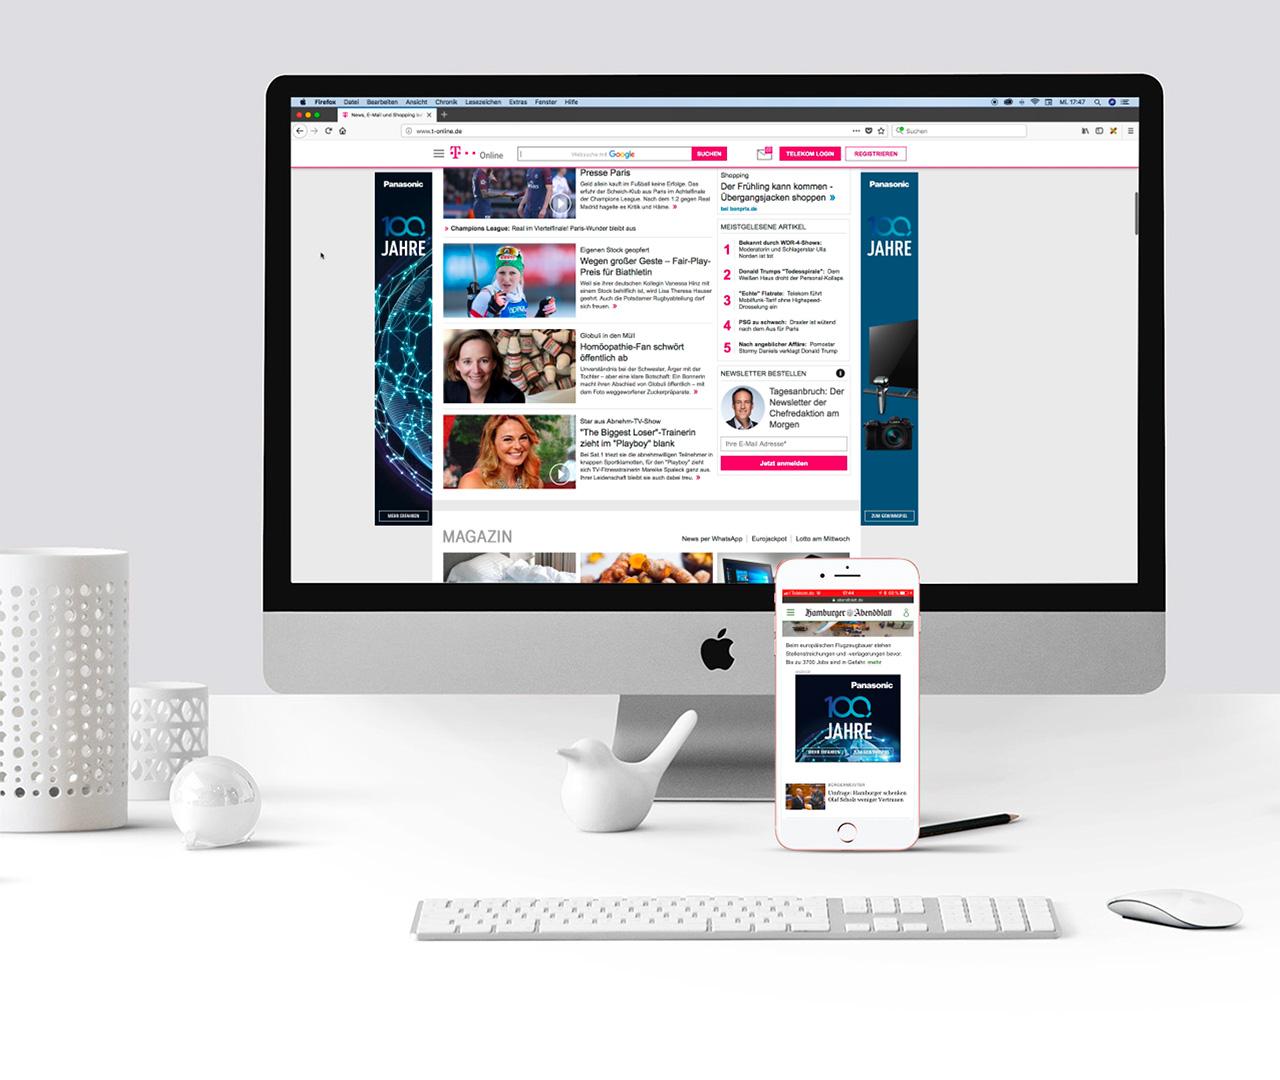 Schreibtisch mit PC Bildschirm, Tastatur und Smartphone in dem eine Panasonic Anzeige abläuft